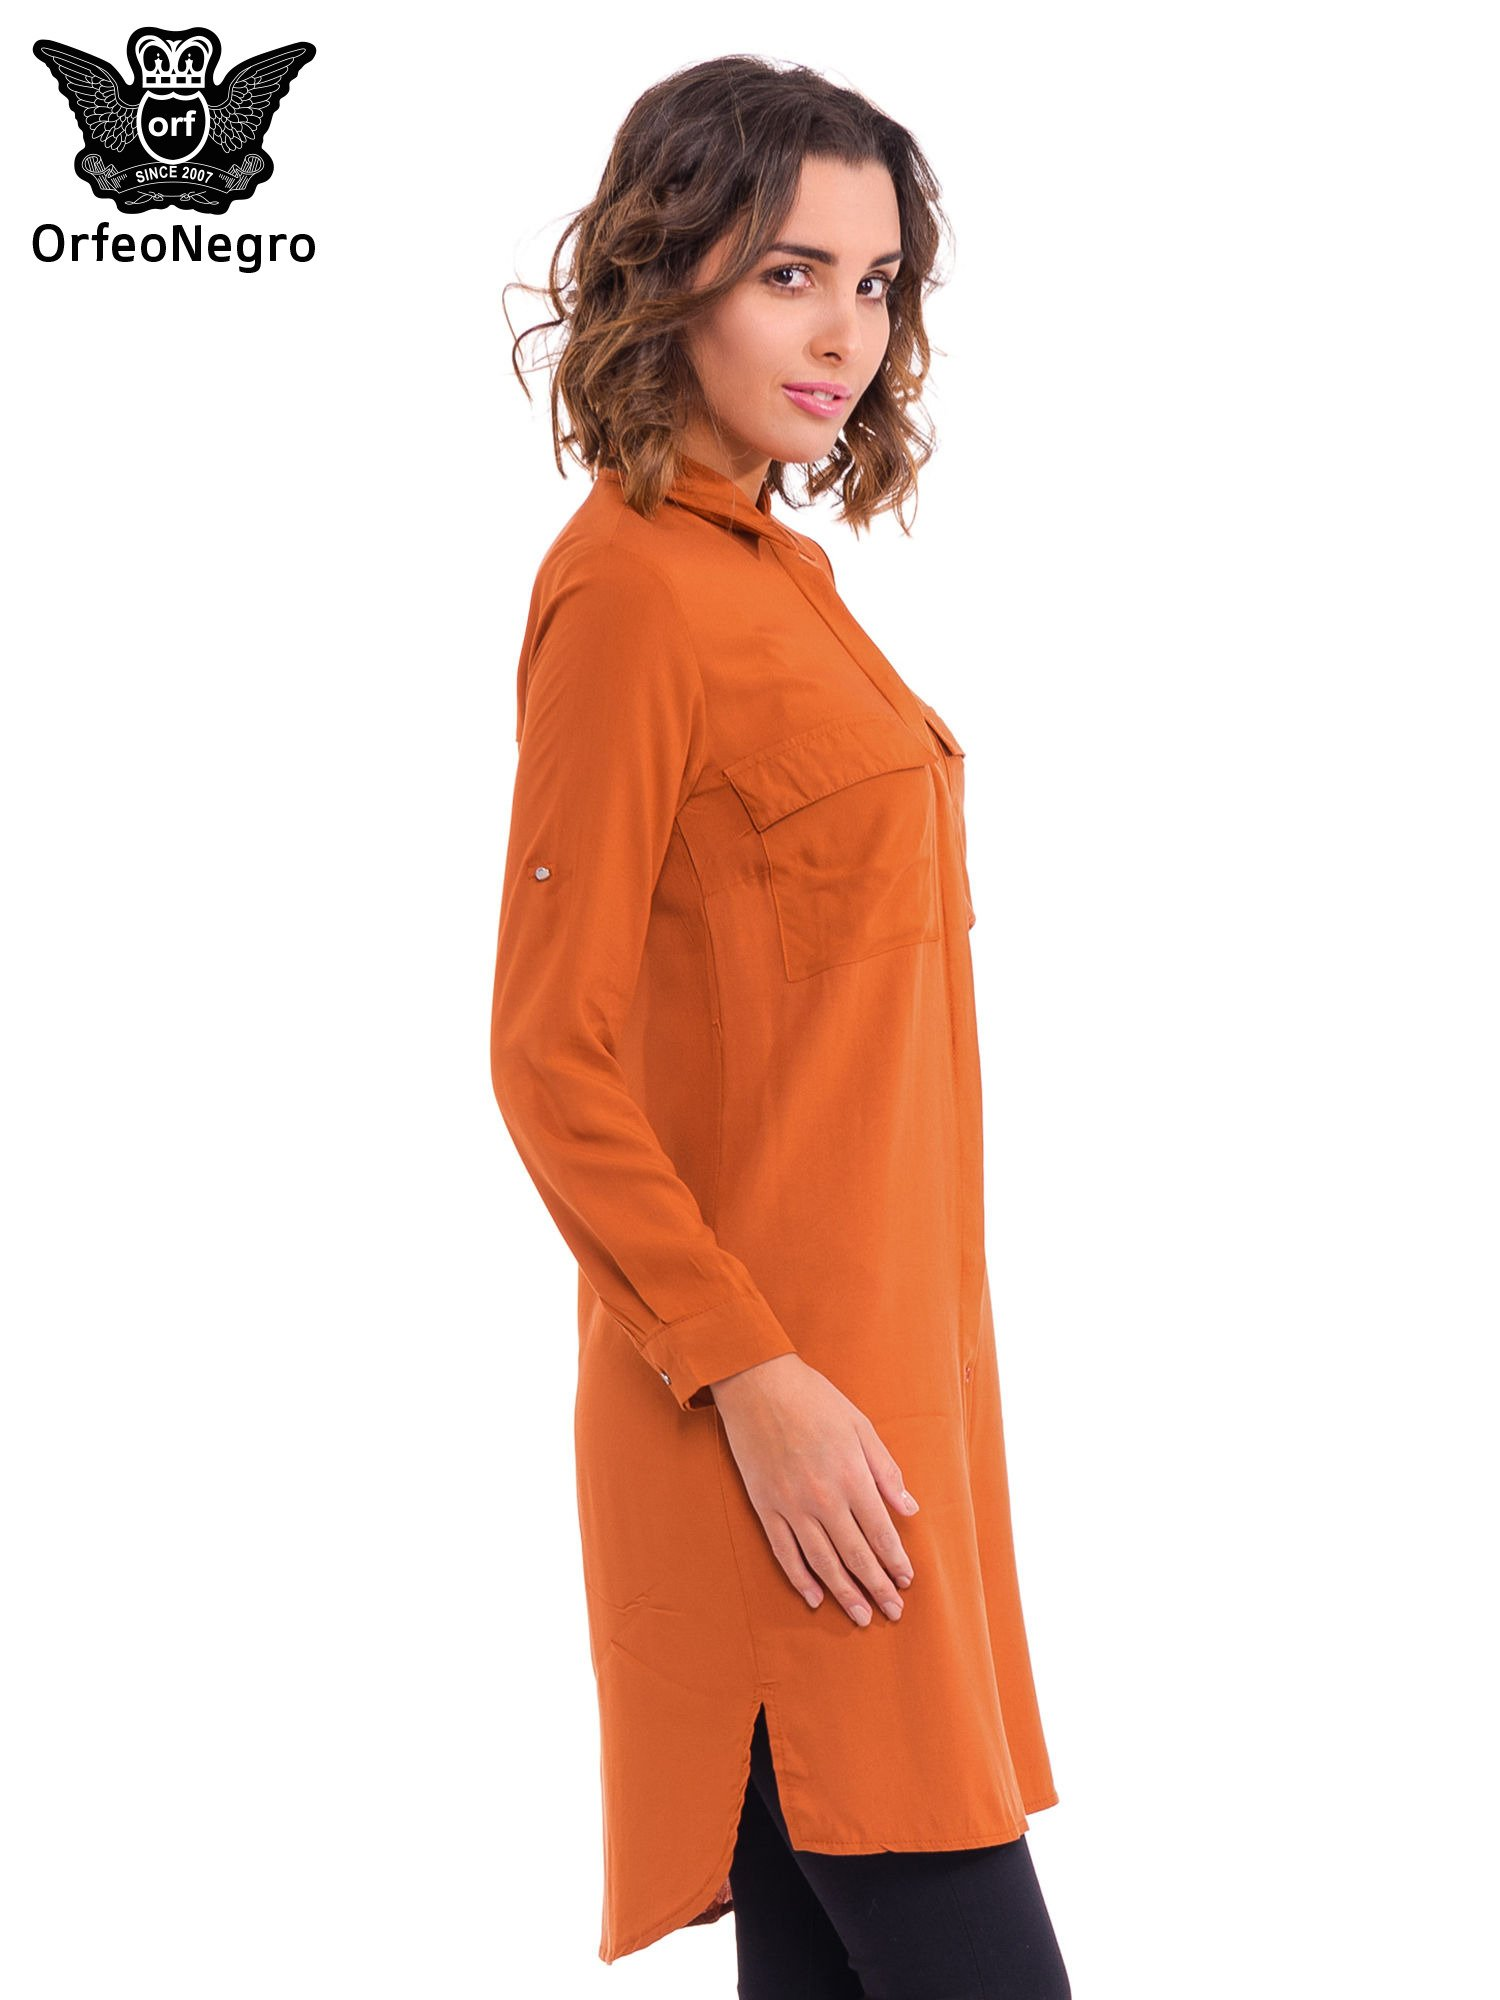 Pomarańczowa koszulotunika z kieszonkami                                  zdj.                                  3